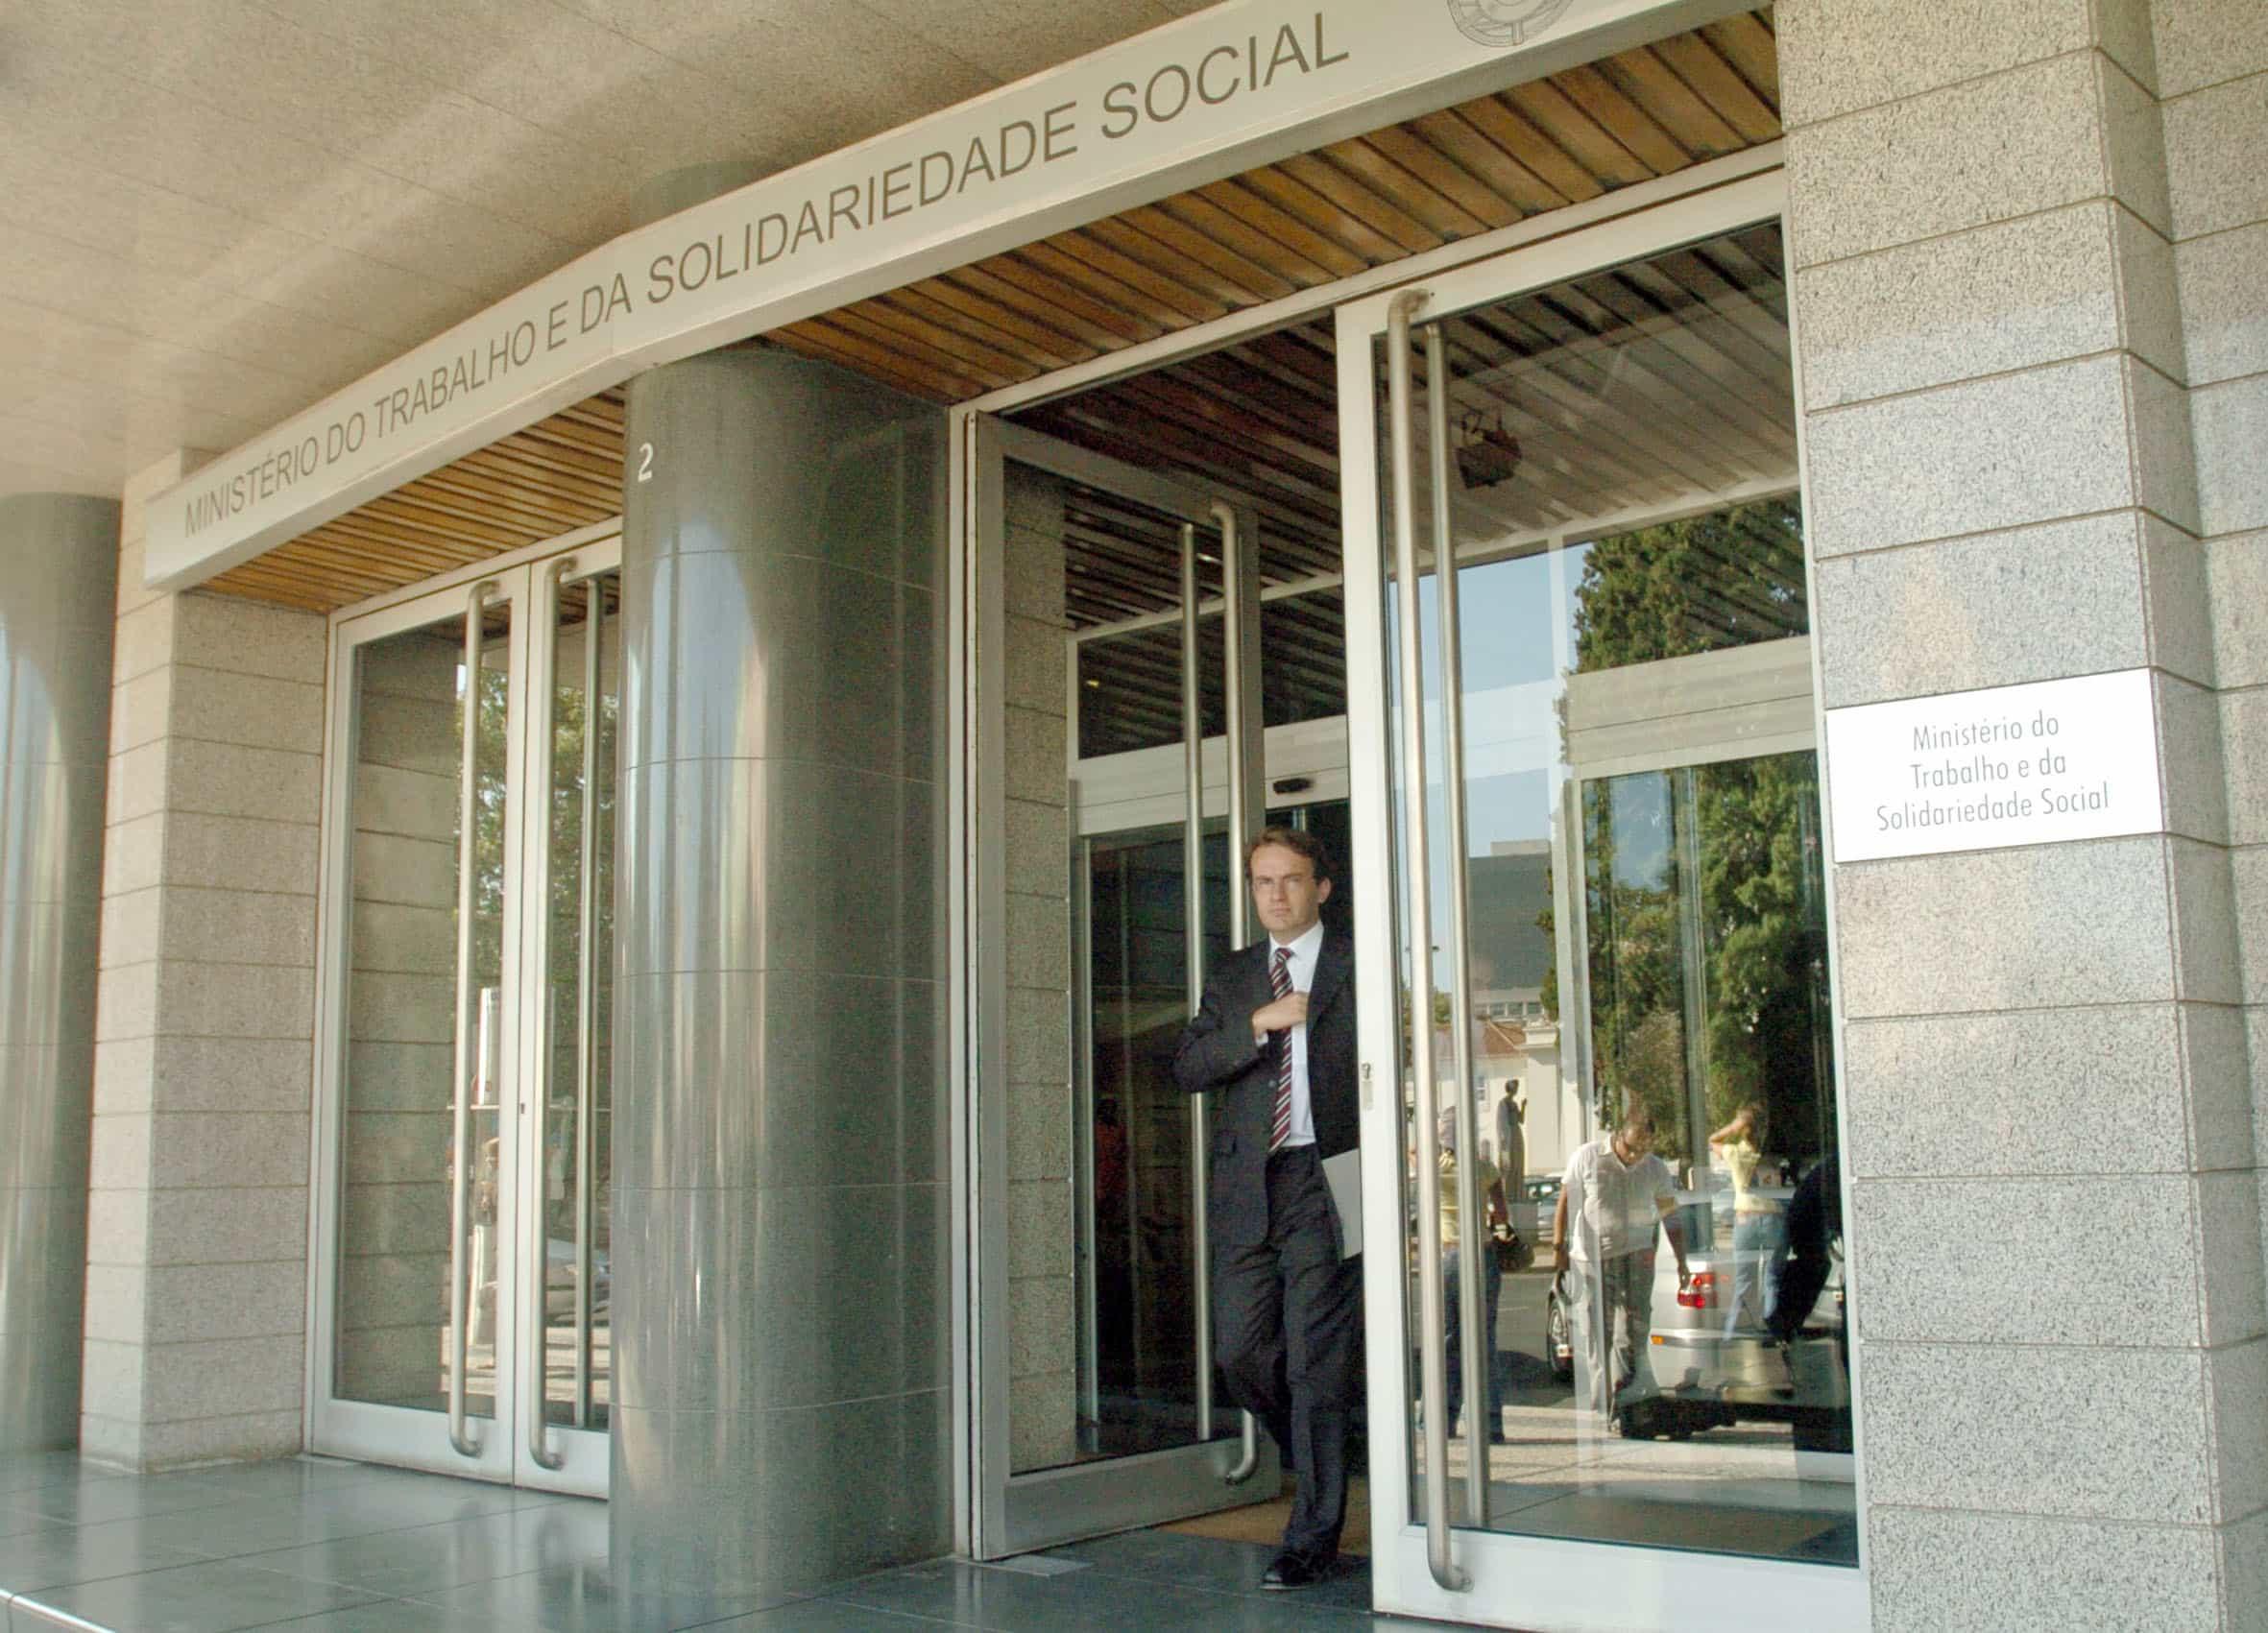 Mais de 219 mil receberam RSI, valor mais alto dos últimos três meses